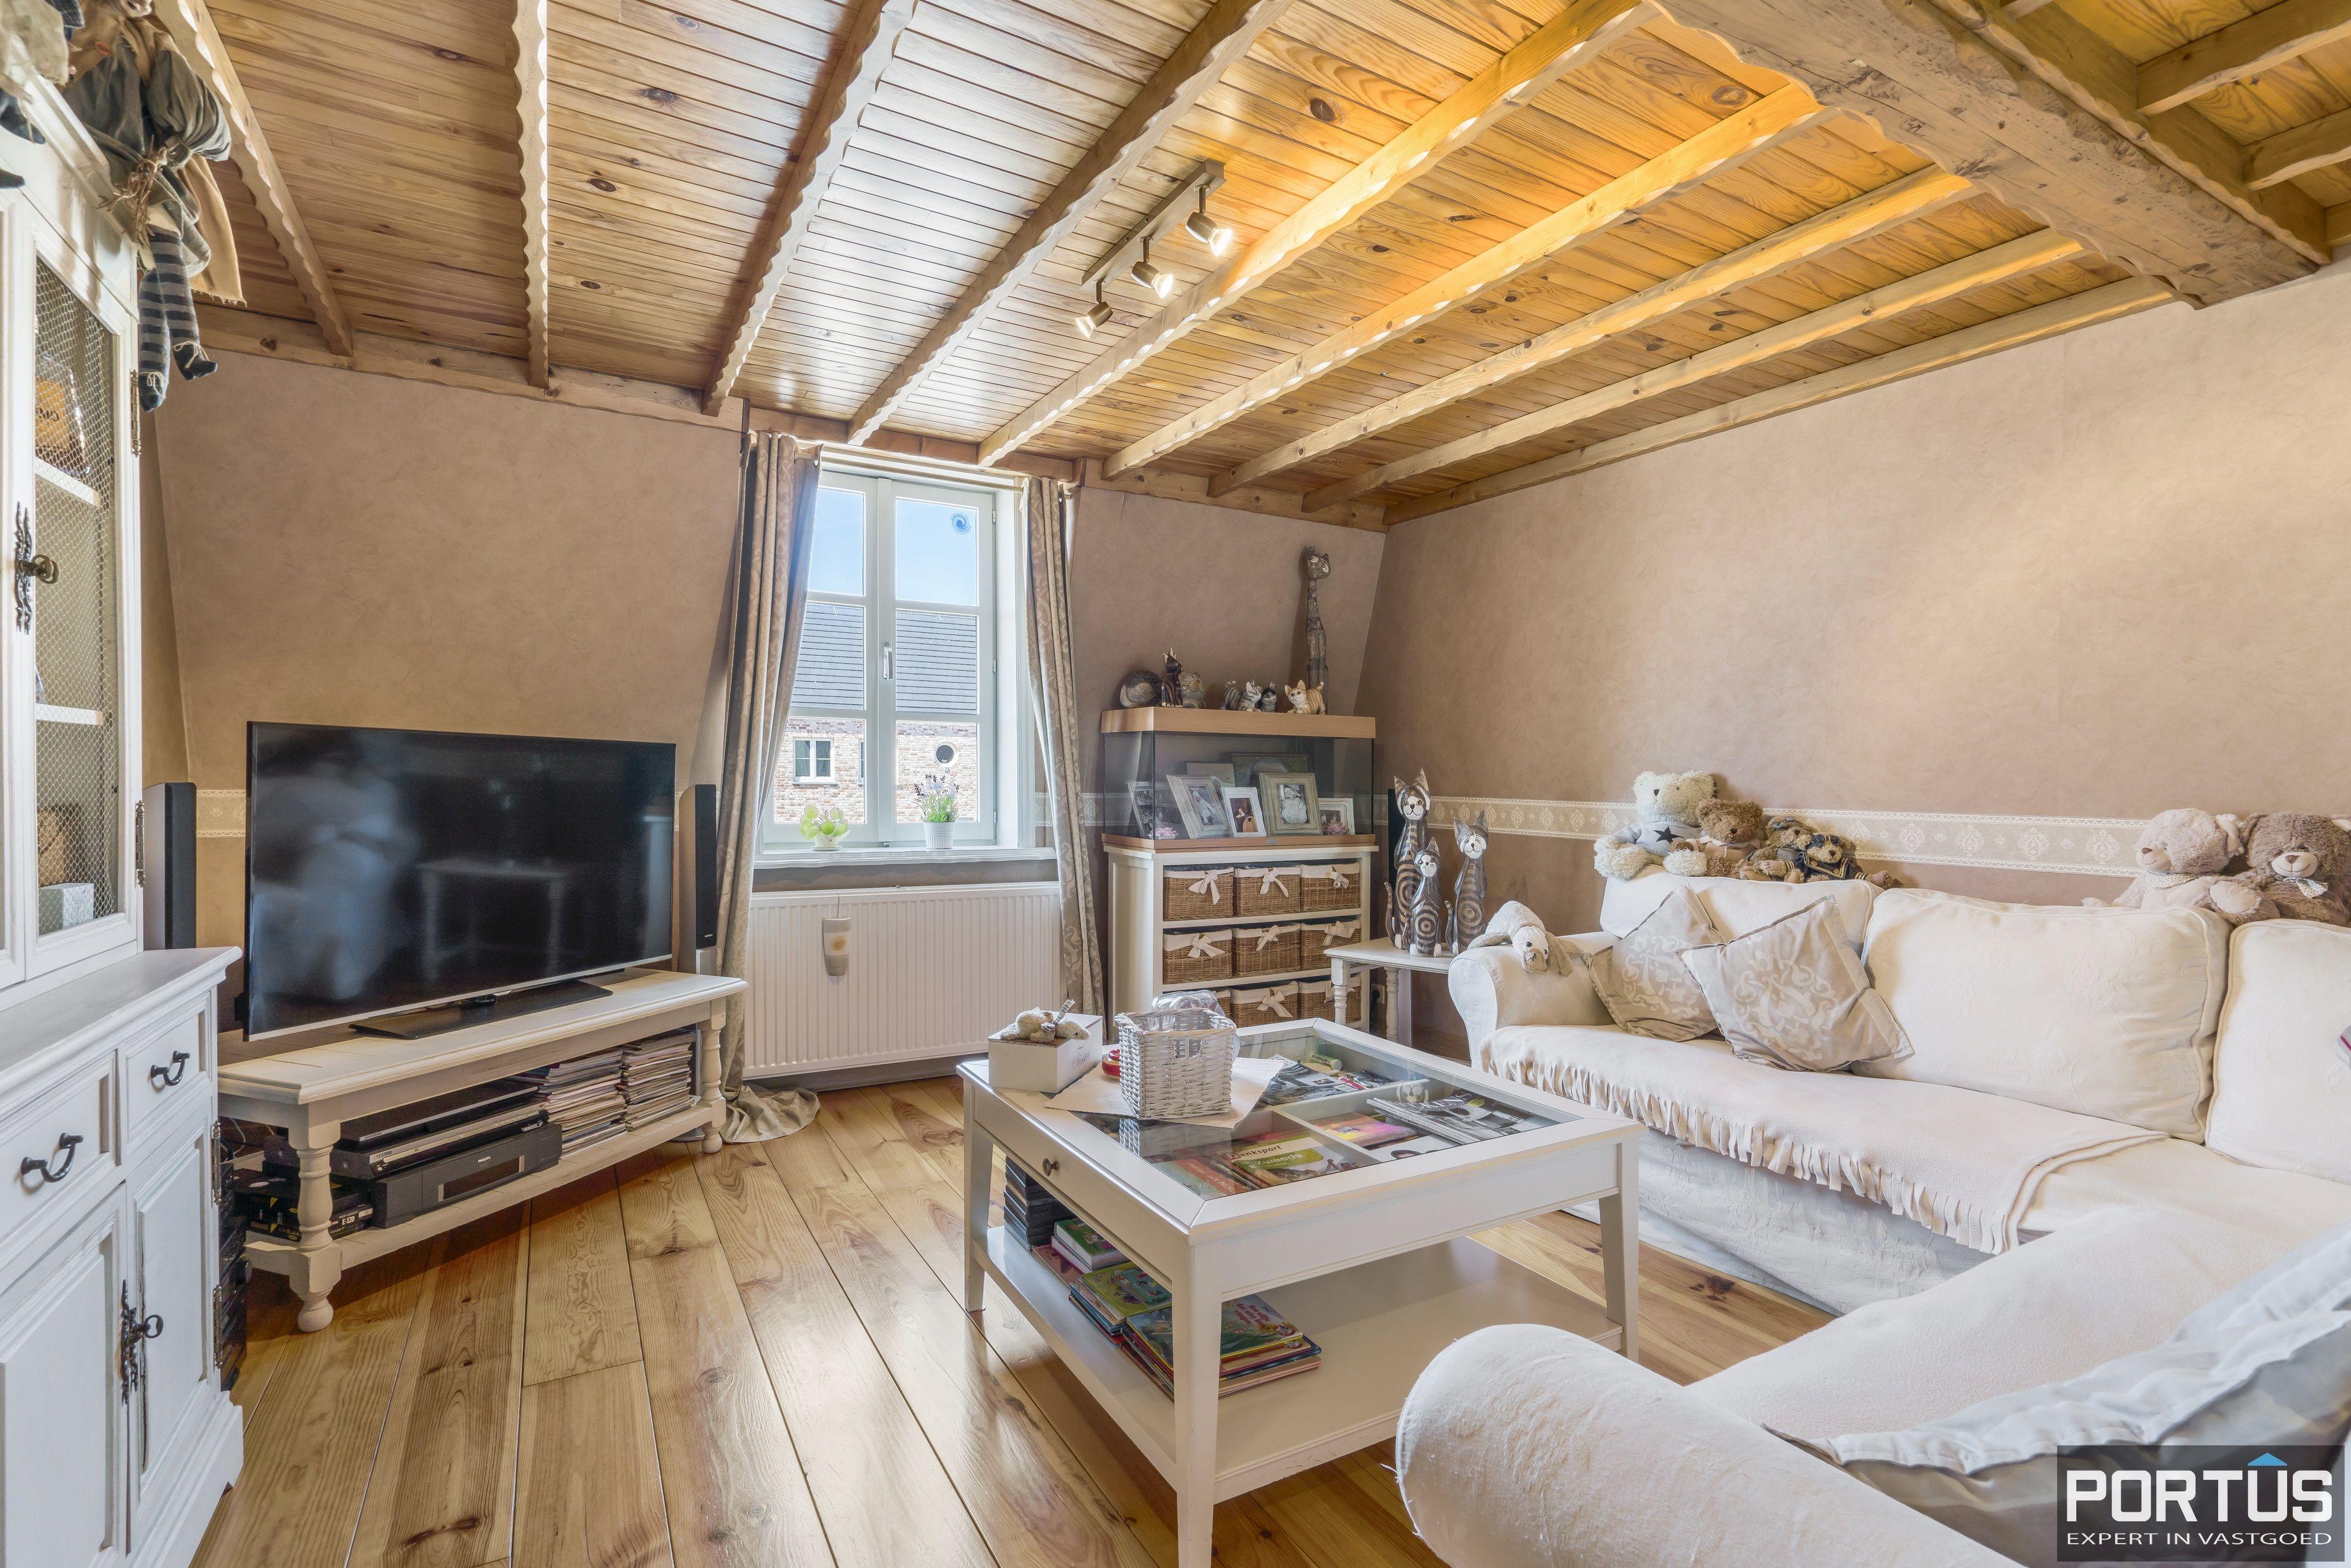 Woning met 2 slaapkamers te koop te Westende - 13419